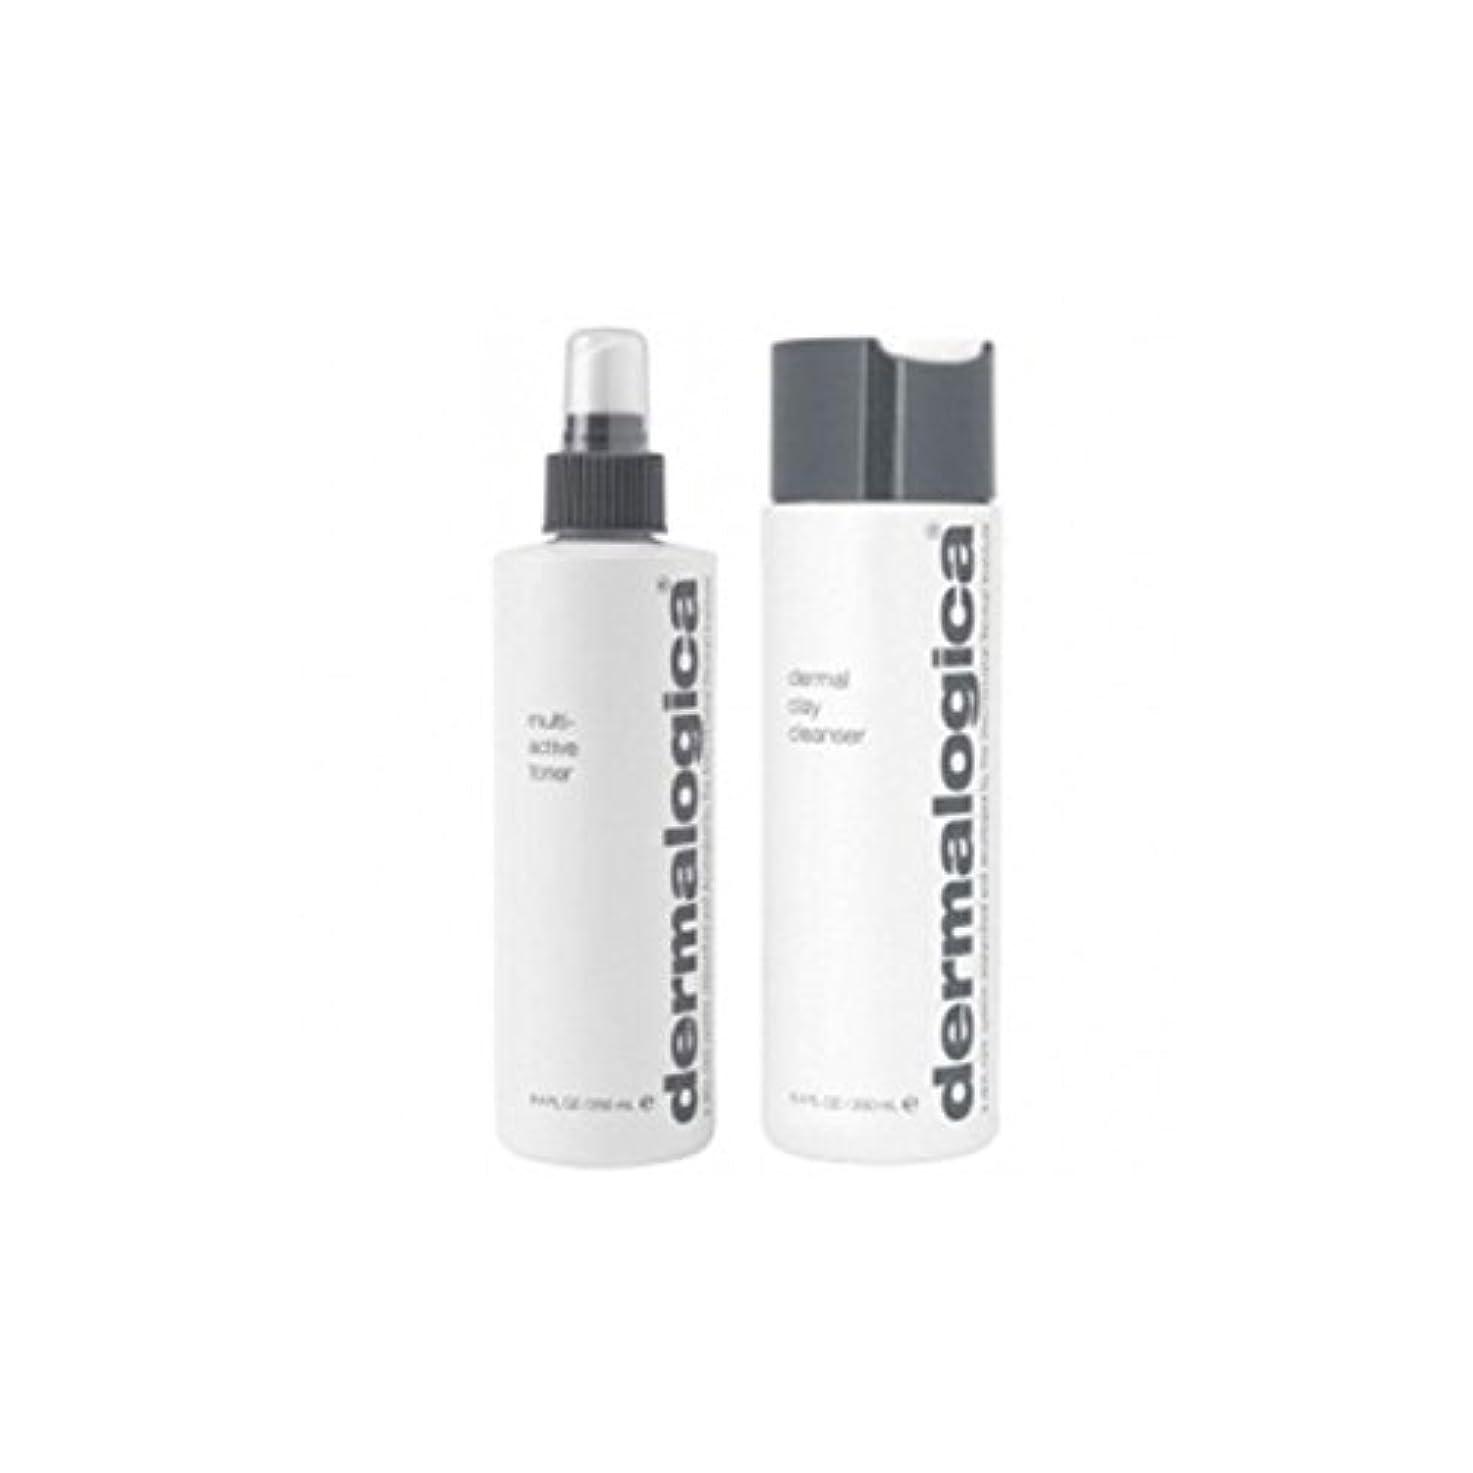 工場せっかち可決Dermalogica Cleanse & Tone Duo - Oily Skin (2 Products) - ダーマロジカクレンジング&トーンデュオ - 脂性肌(2製品) [並行輸入品]